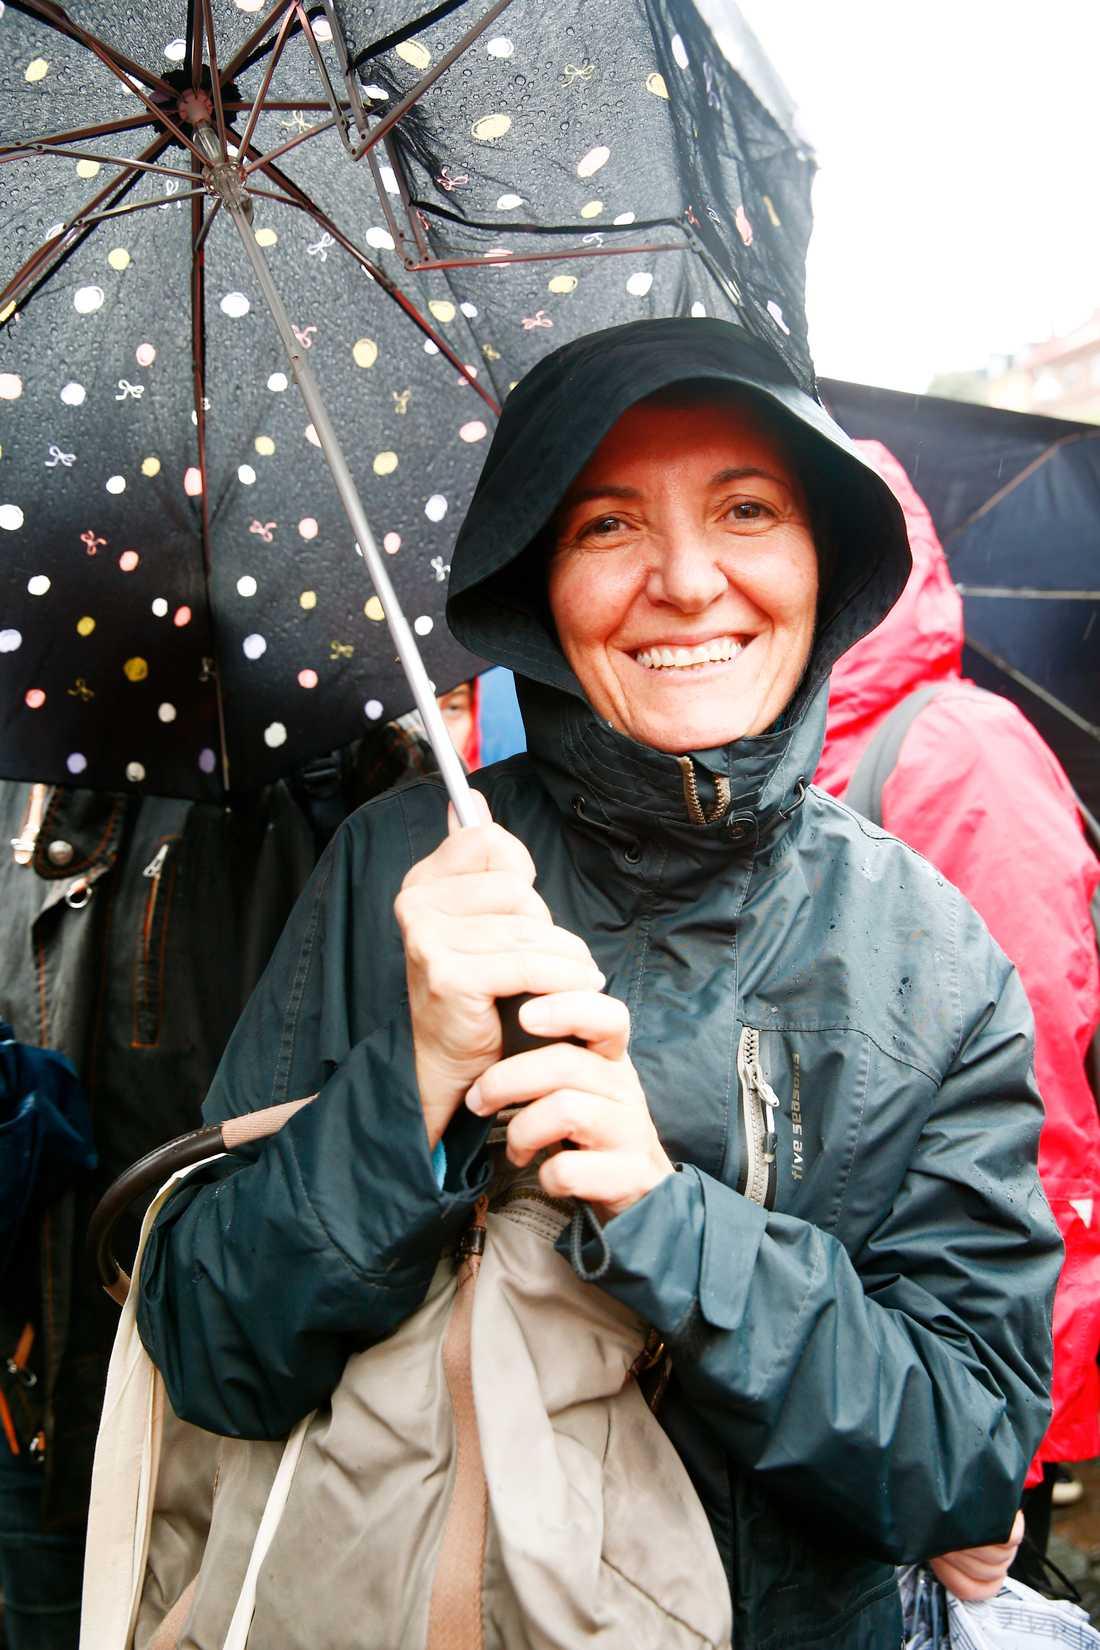 Daniela Papalardo, 46, Salerno i Italien. – Jag har följt situationen genom nyheterna och jag tycker att gränserna borde öppnas. Jag tycker verkligen att alla flyktingar borde välkomnas till Europa.